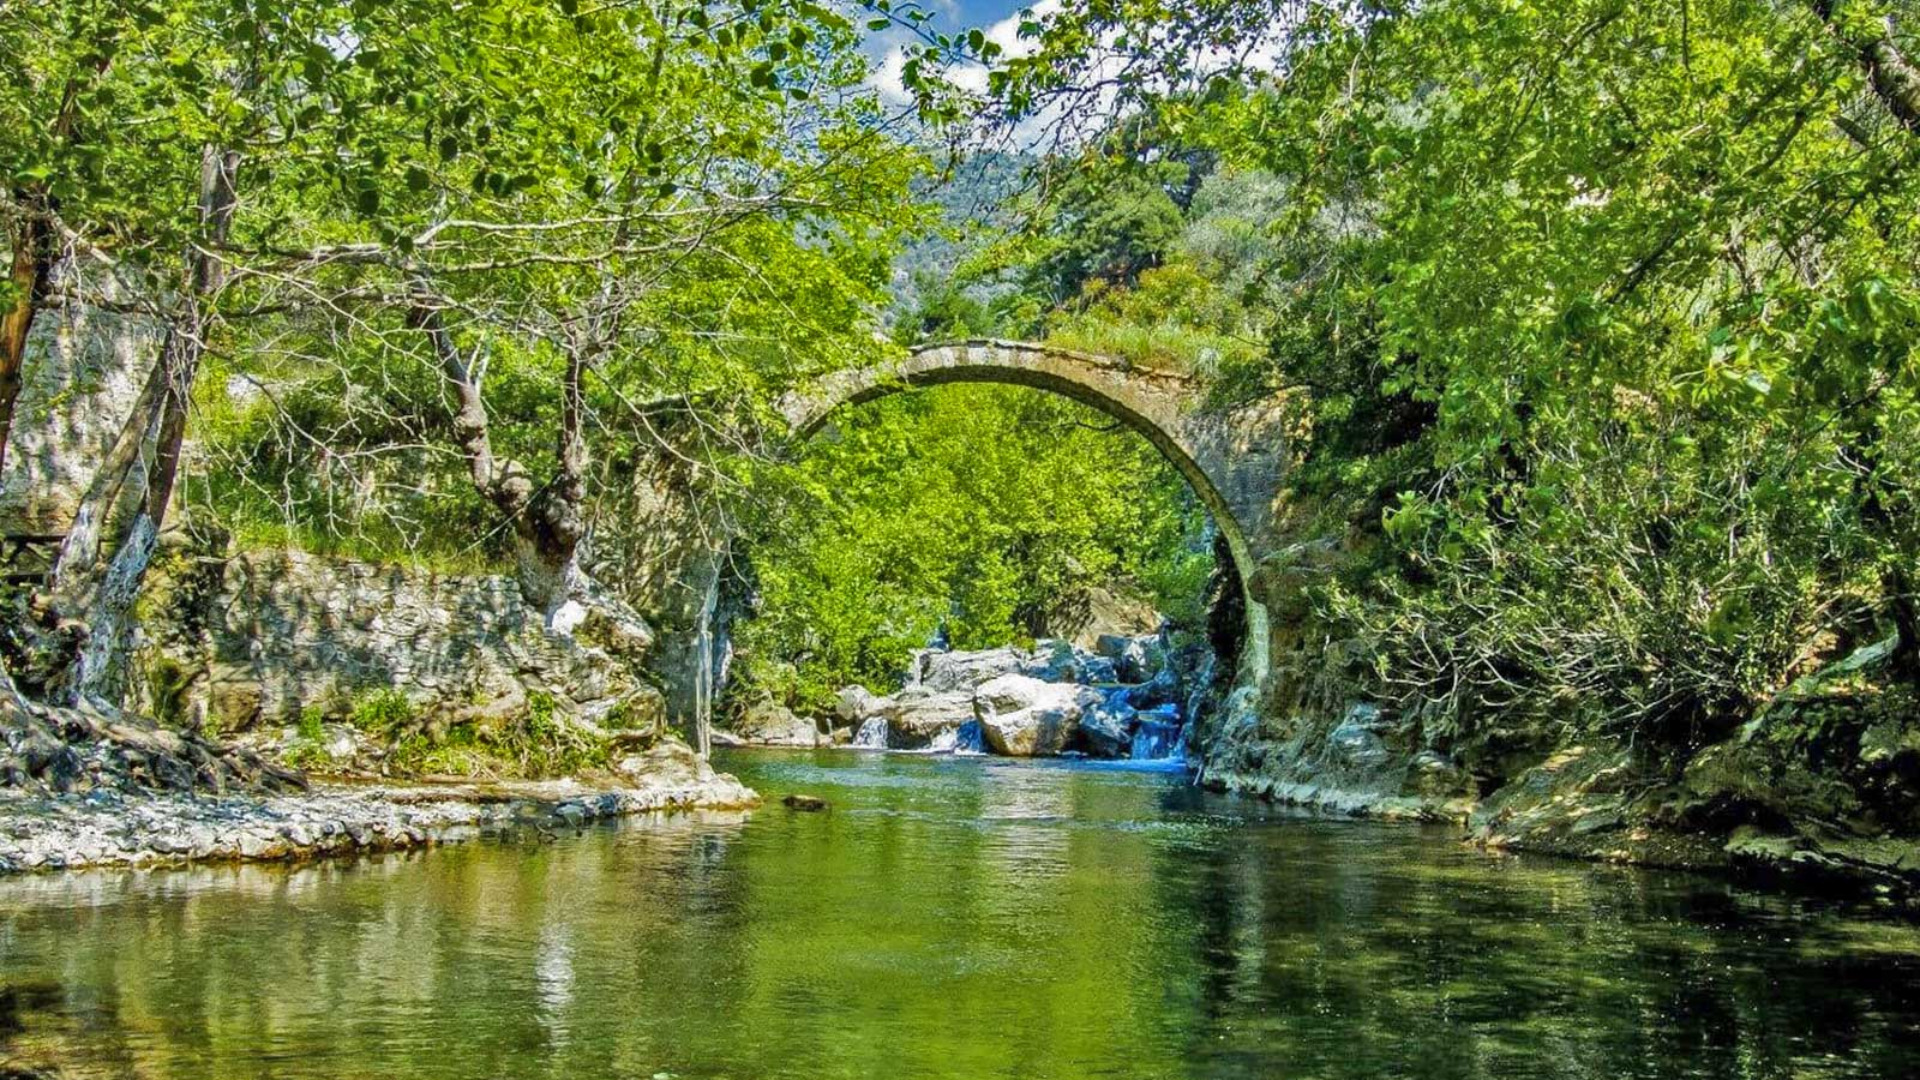 Aegean forest and bridge